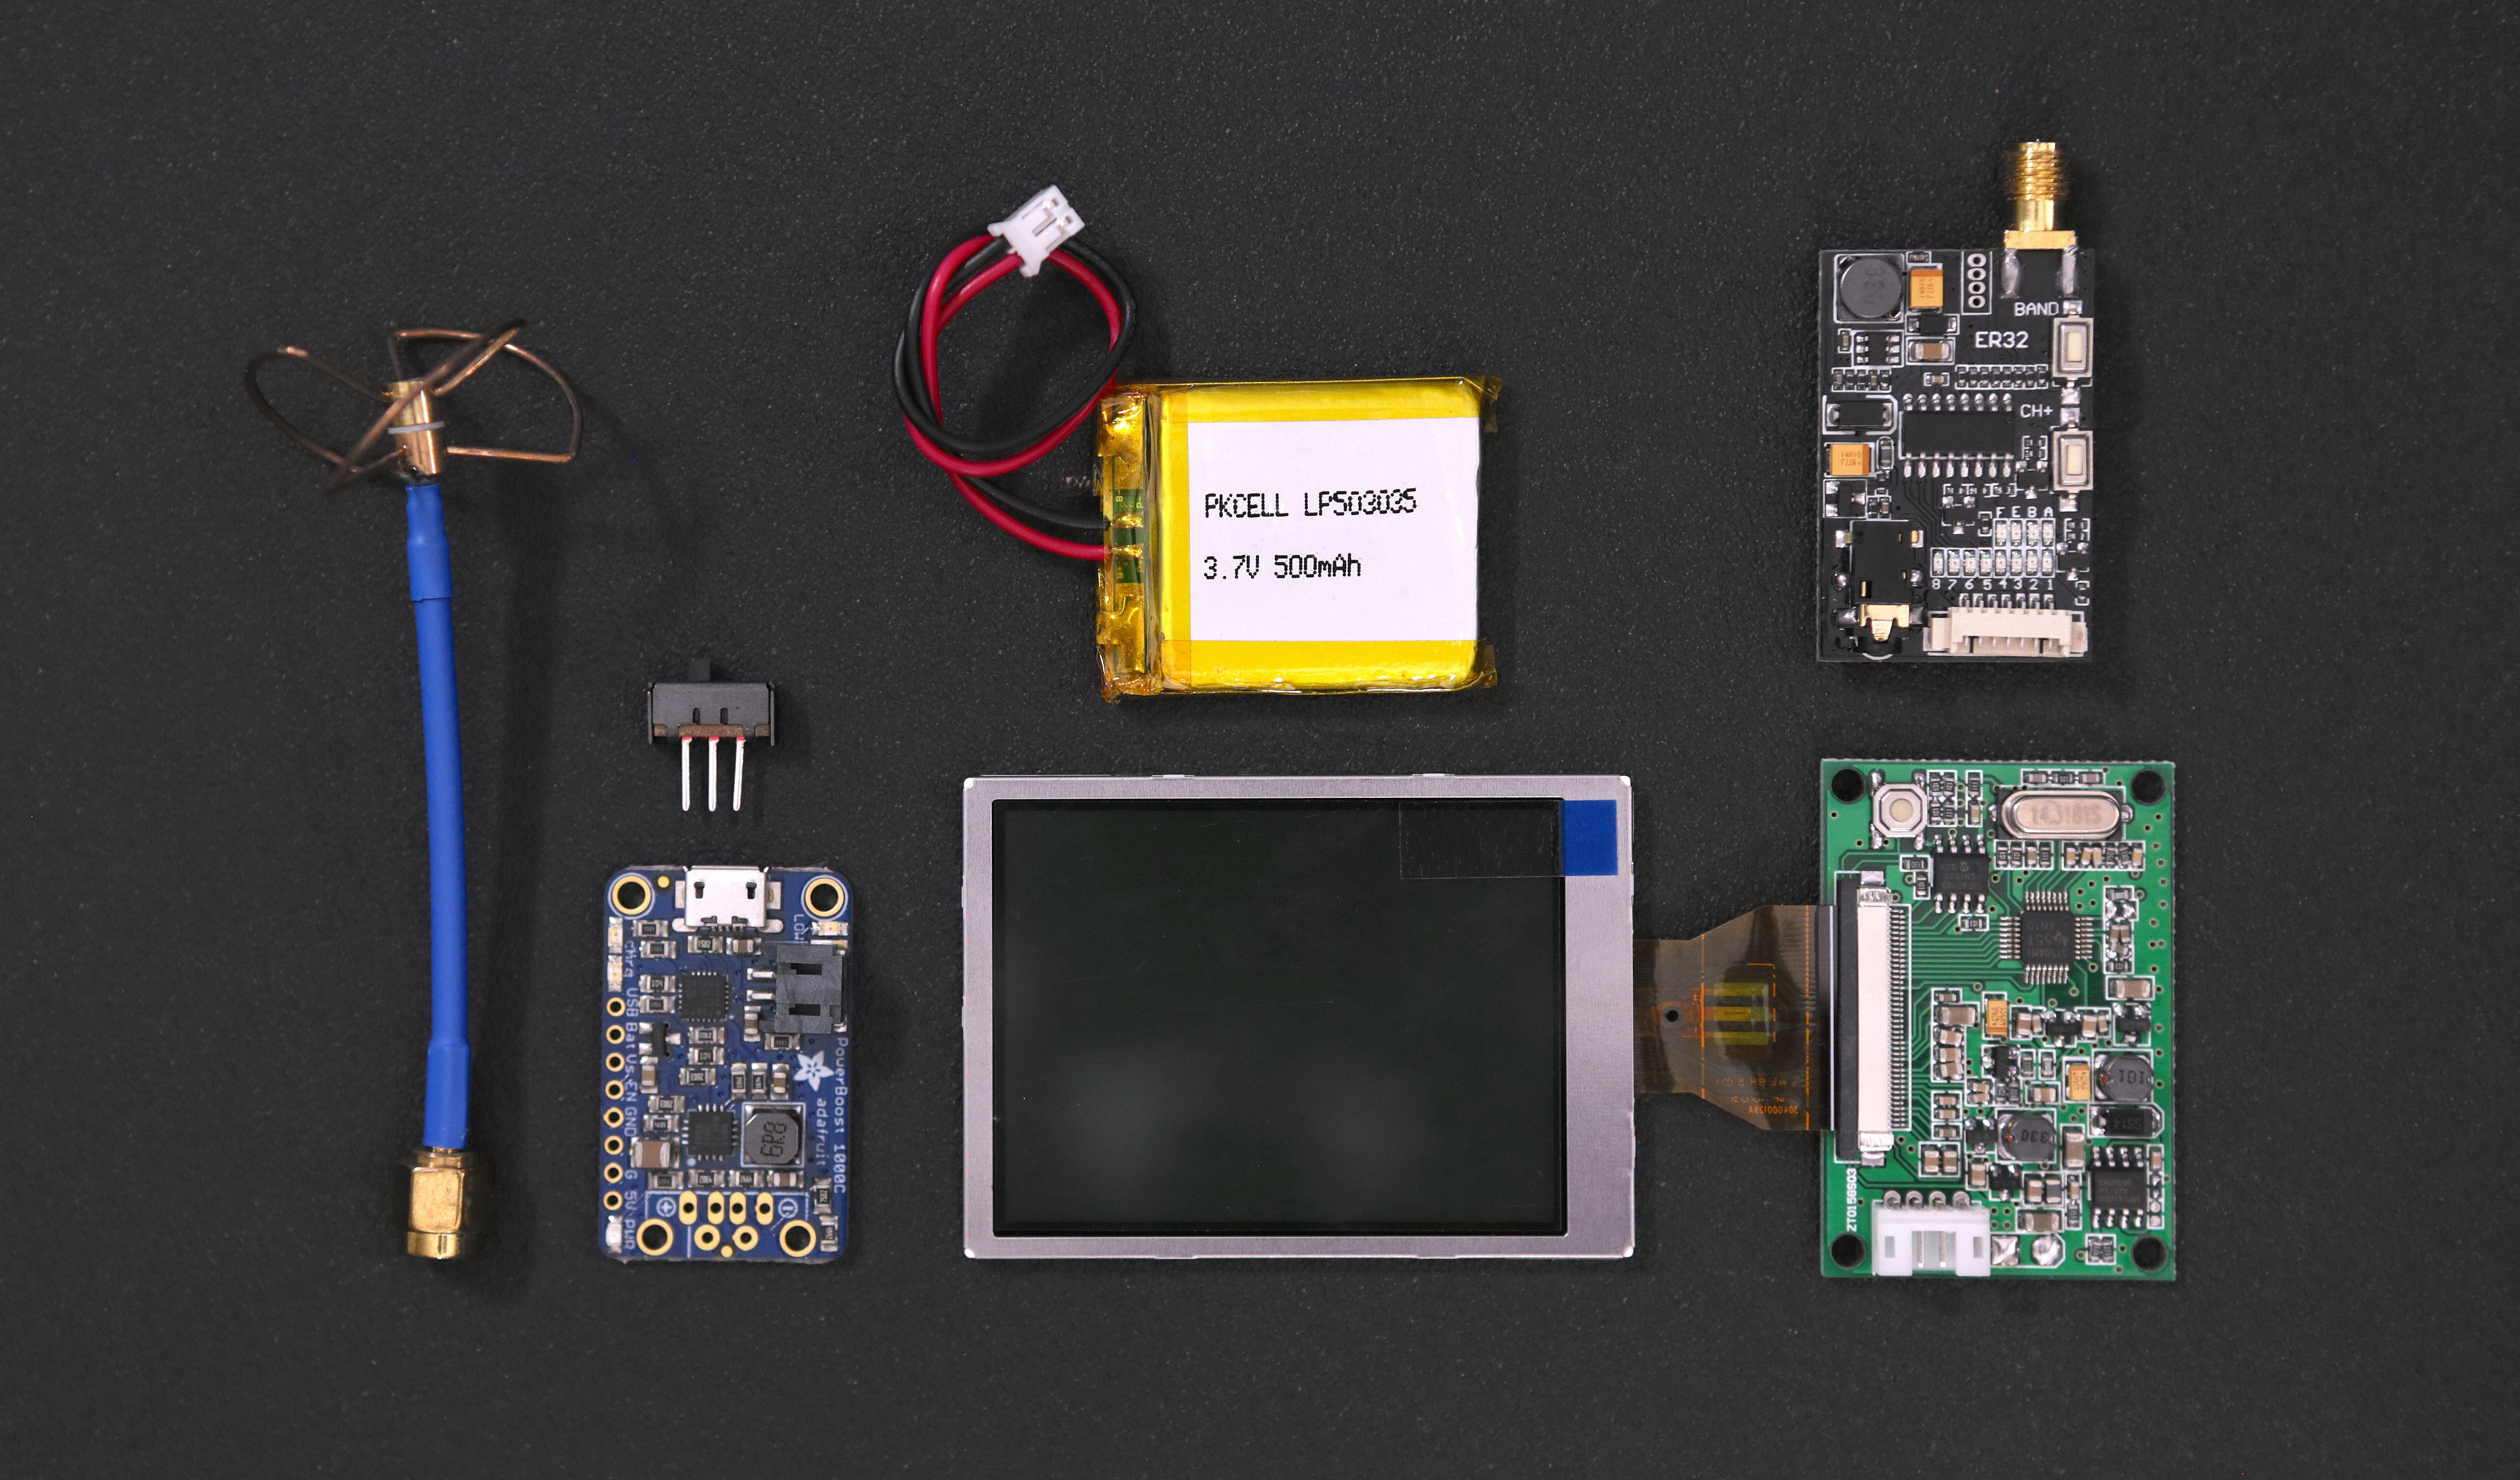 lcds___displays_circuit-parts.jpg